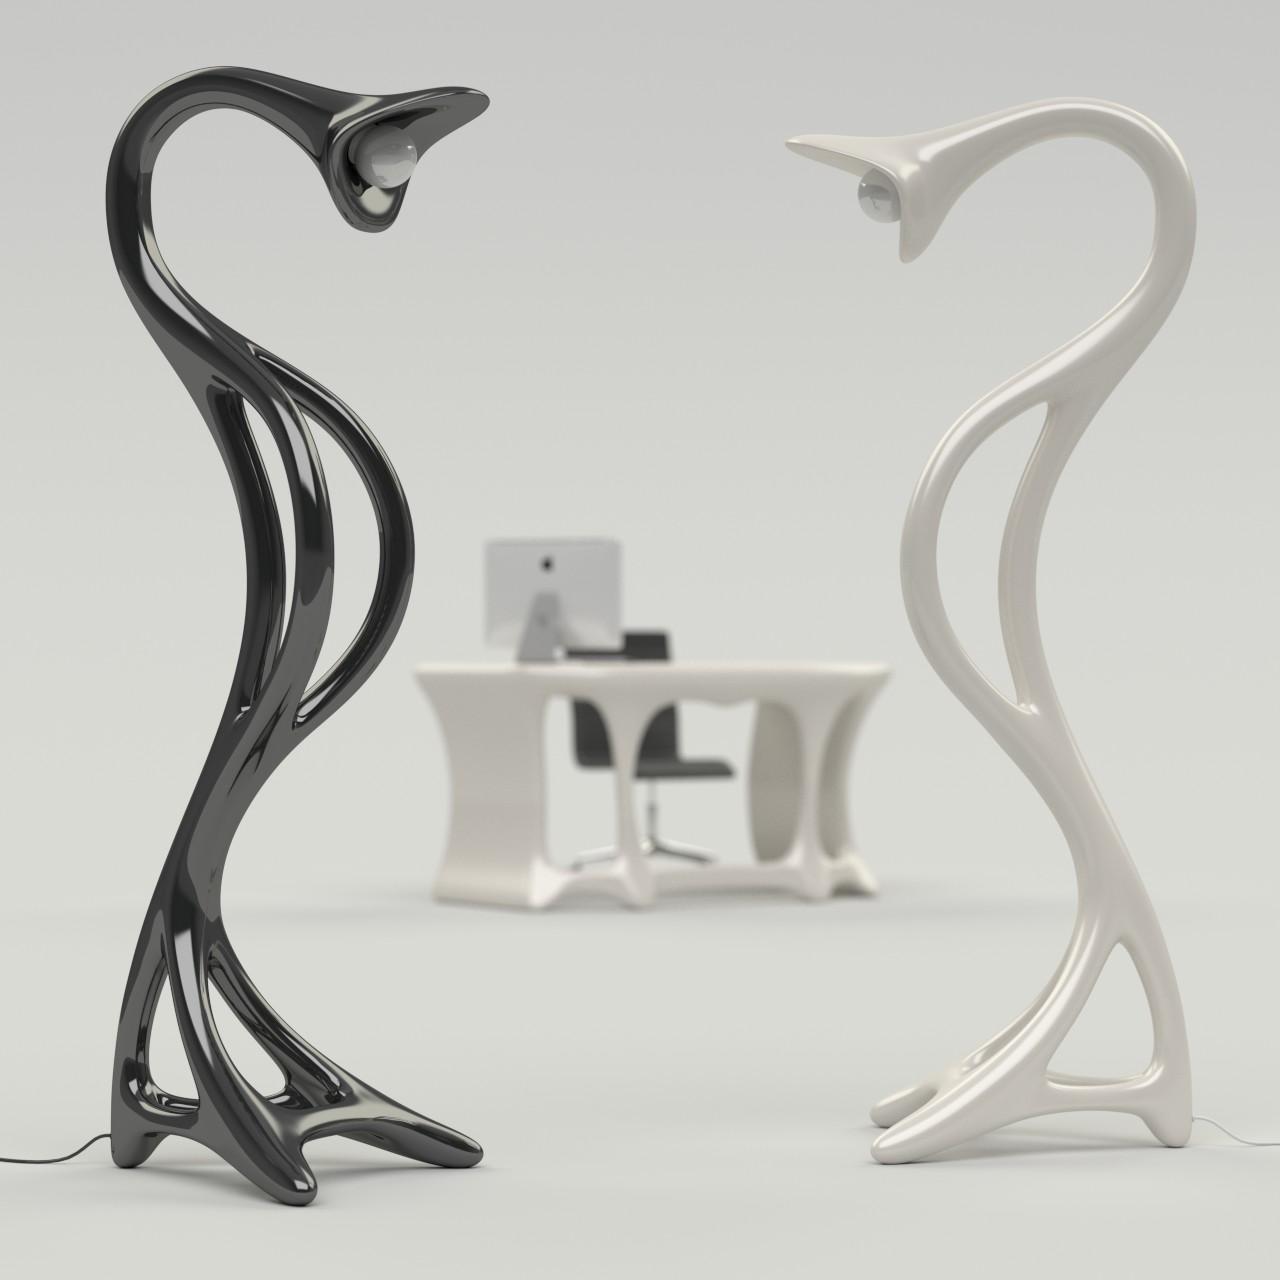 Drago zad zone of absolute design arredamenti di lusso for Imitazioni lampade design